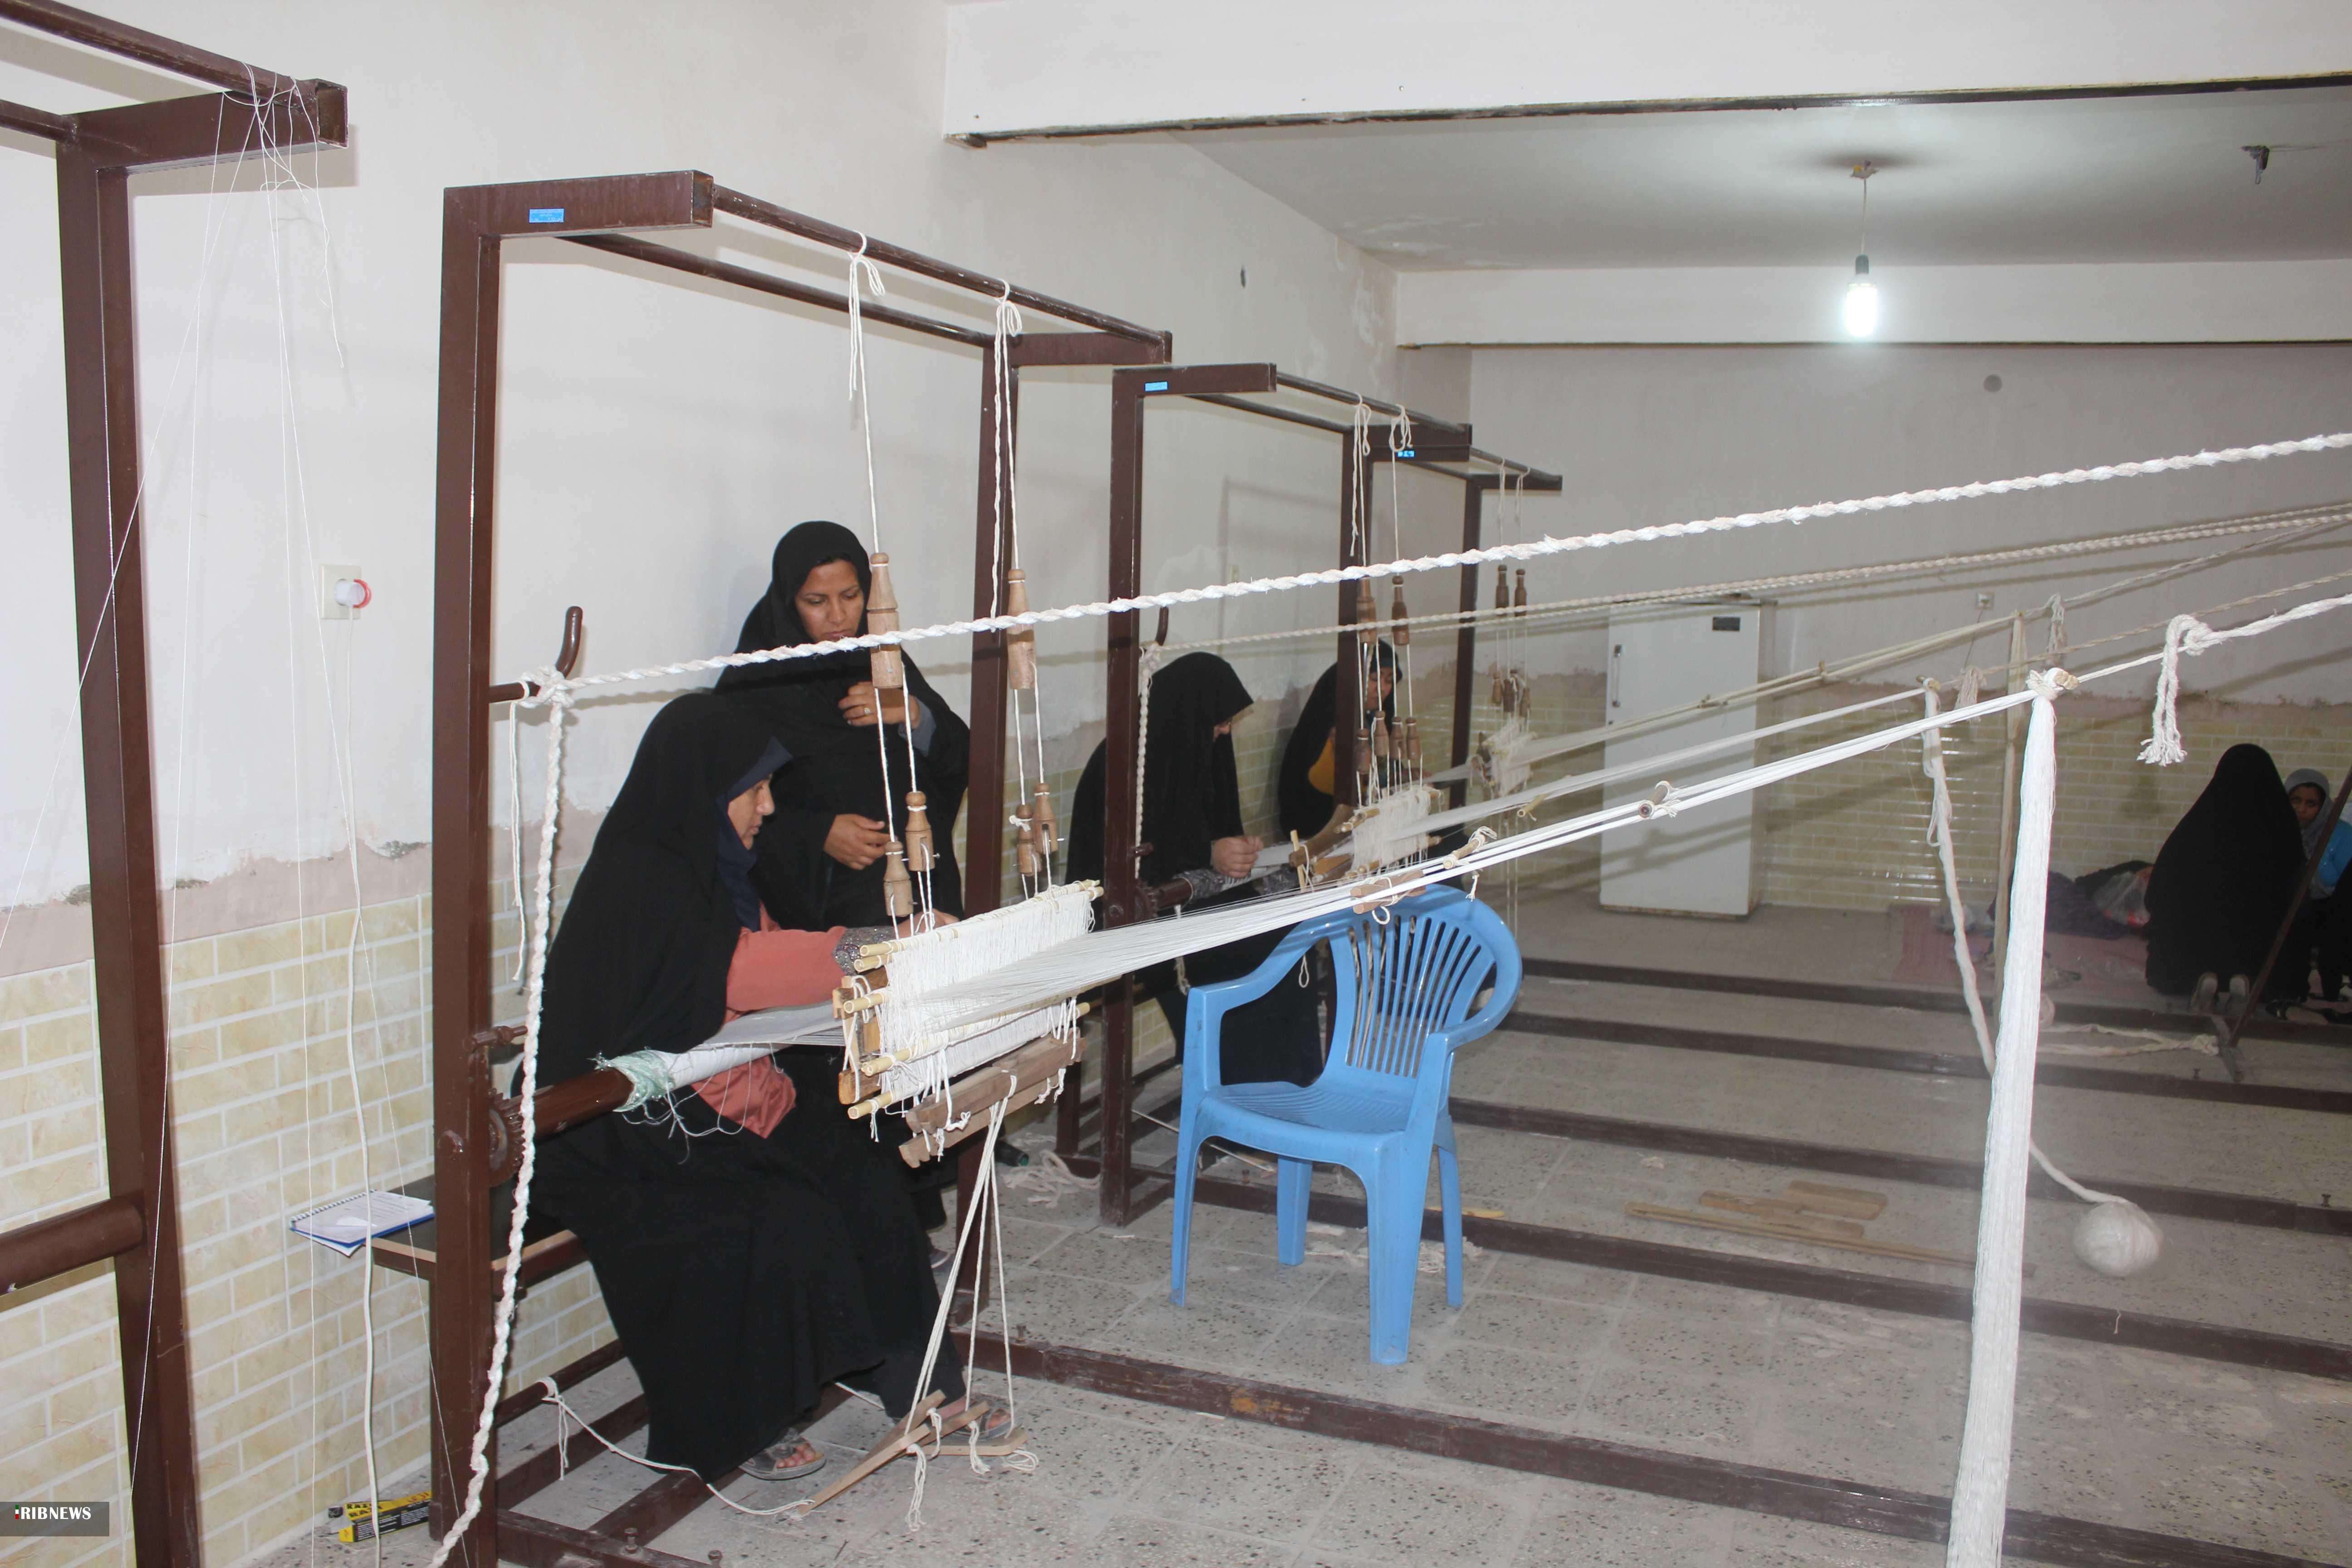 اشتغال ۱۵ نفر با اجرای طرح پشتیبان در آیسک سرایان